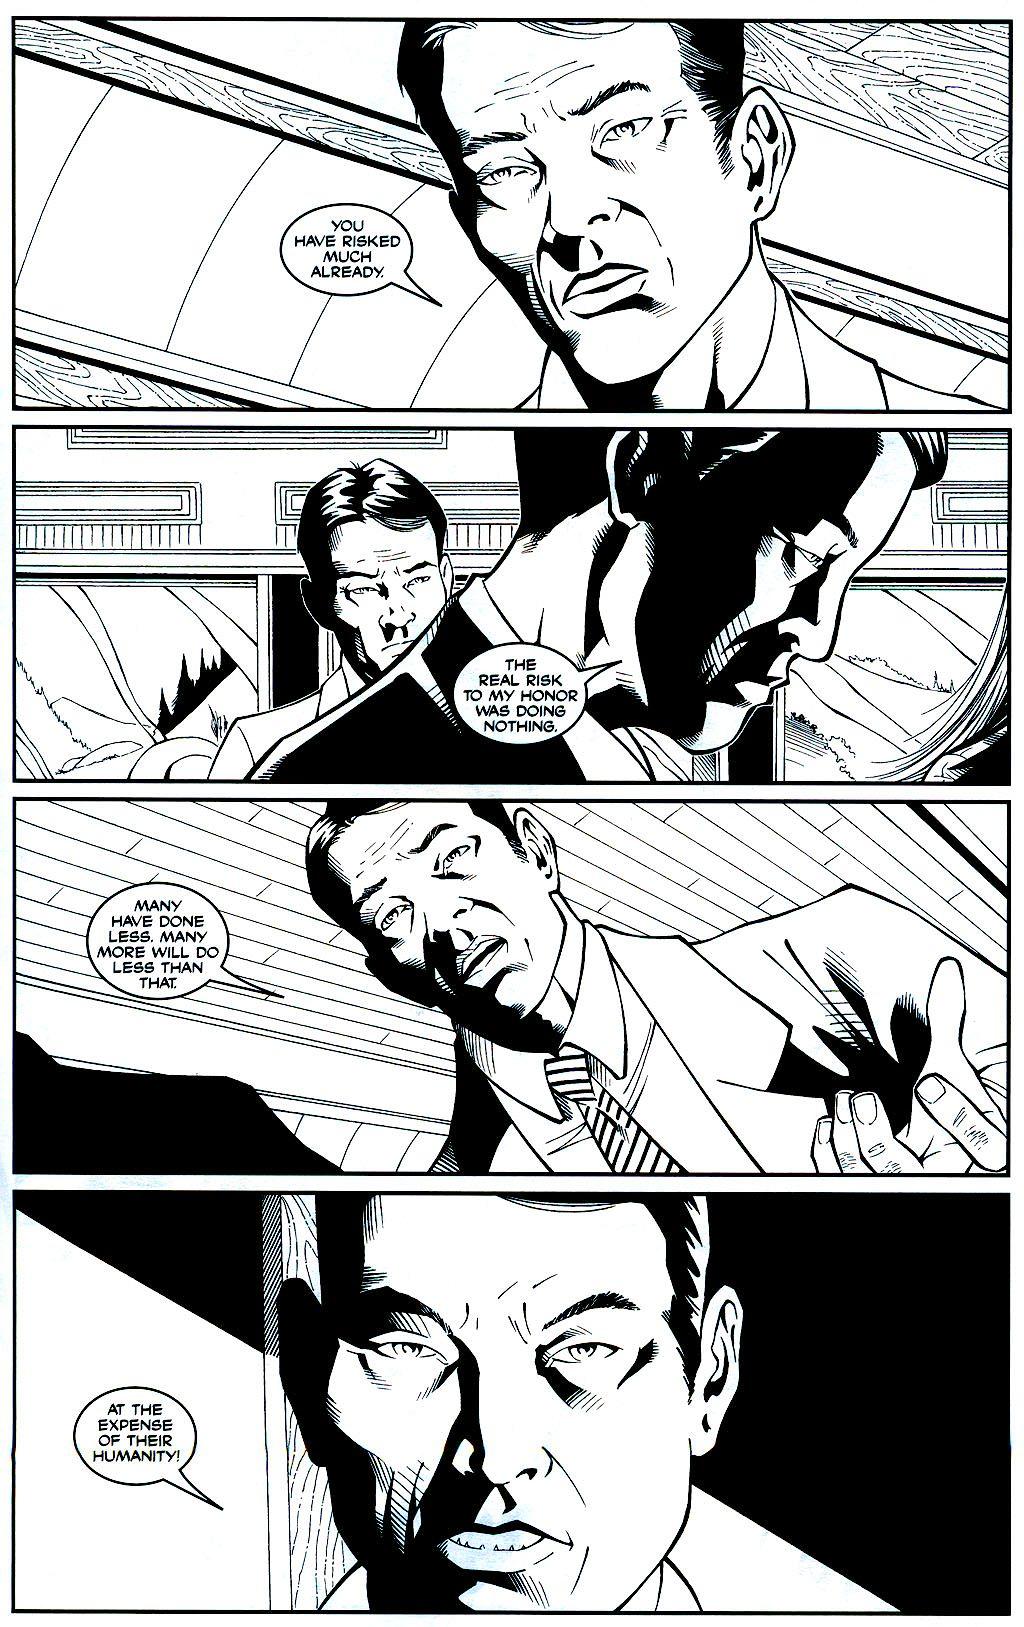 Read online Shi: Sempo comic -  Issue #1 - 20